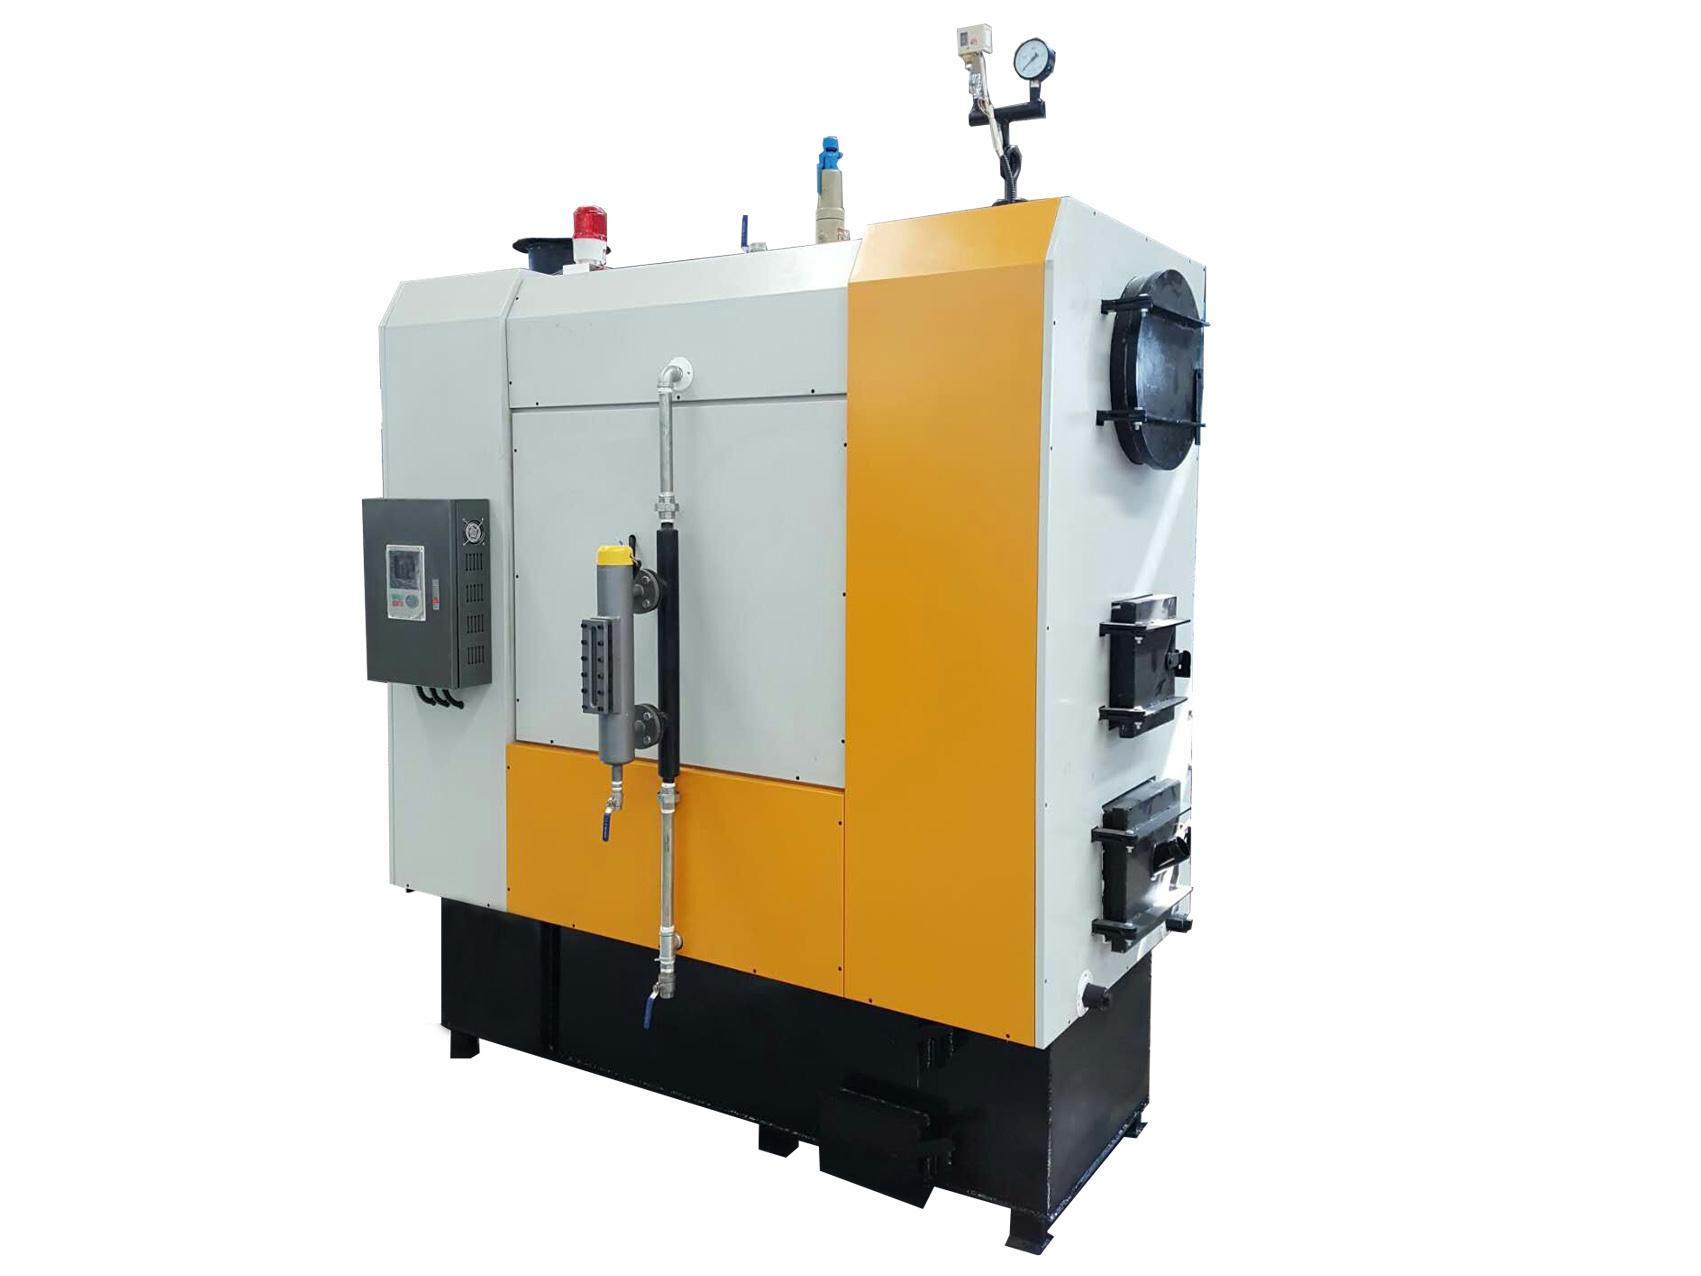 大唐熱能生物質蒸汽發生器200KG-2T 智能控制 無煙環保 廠家直銷